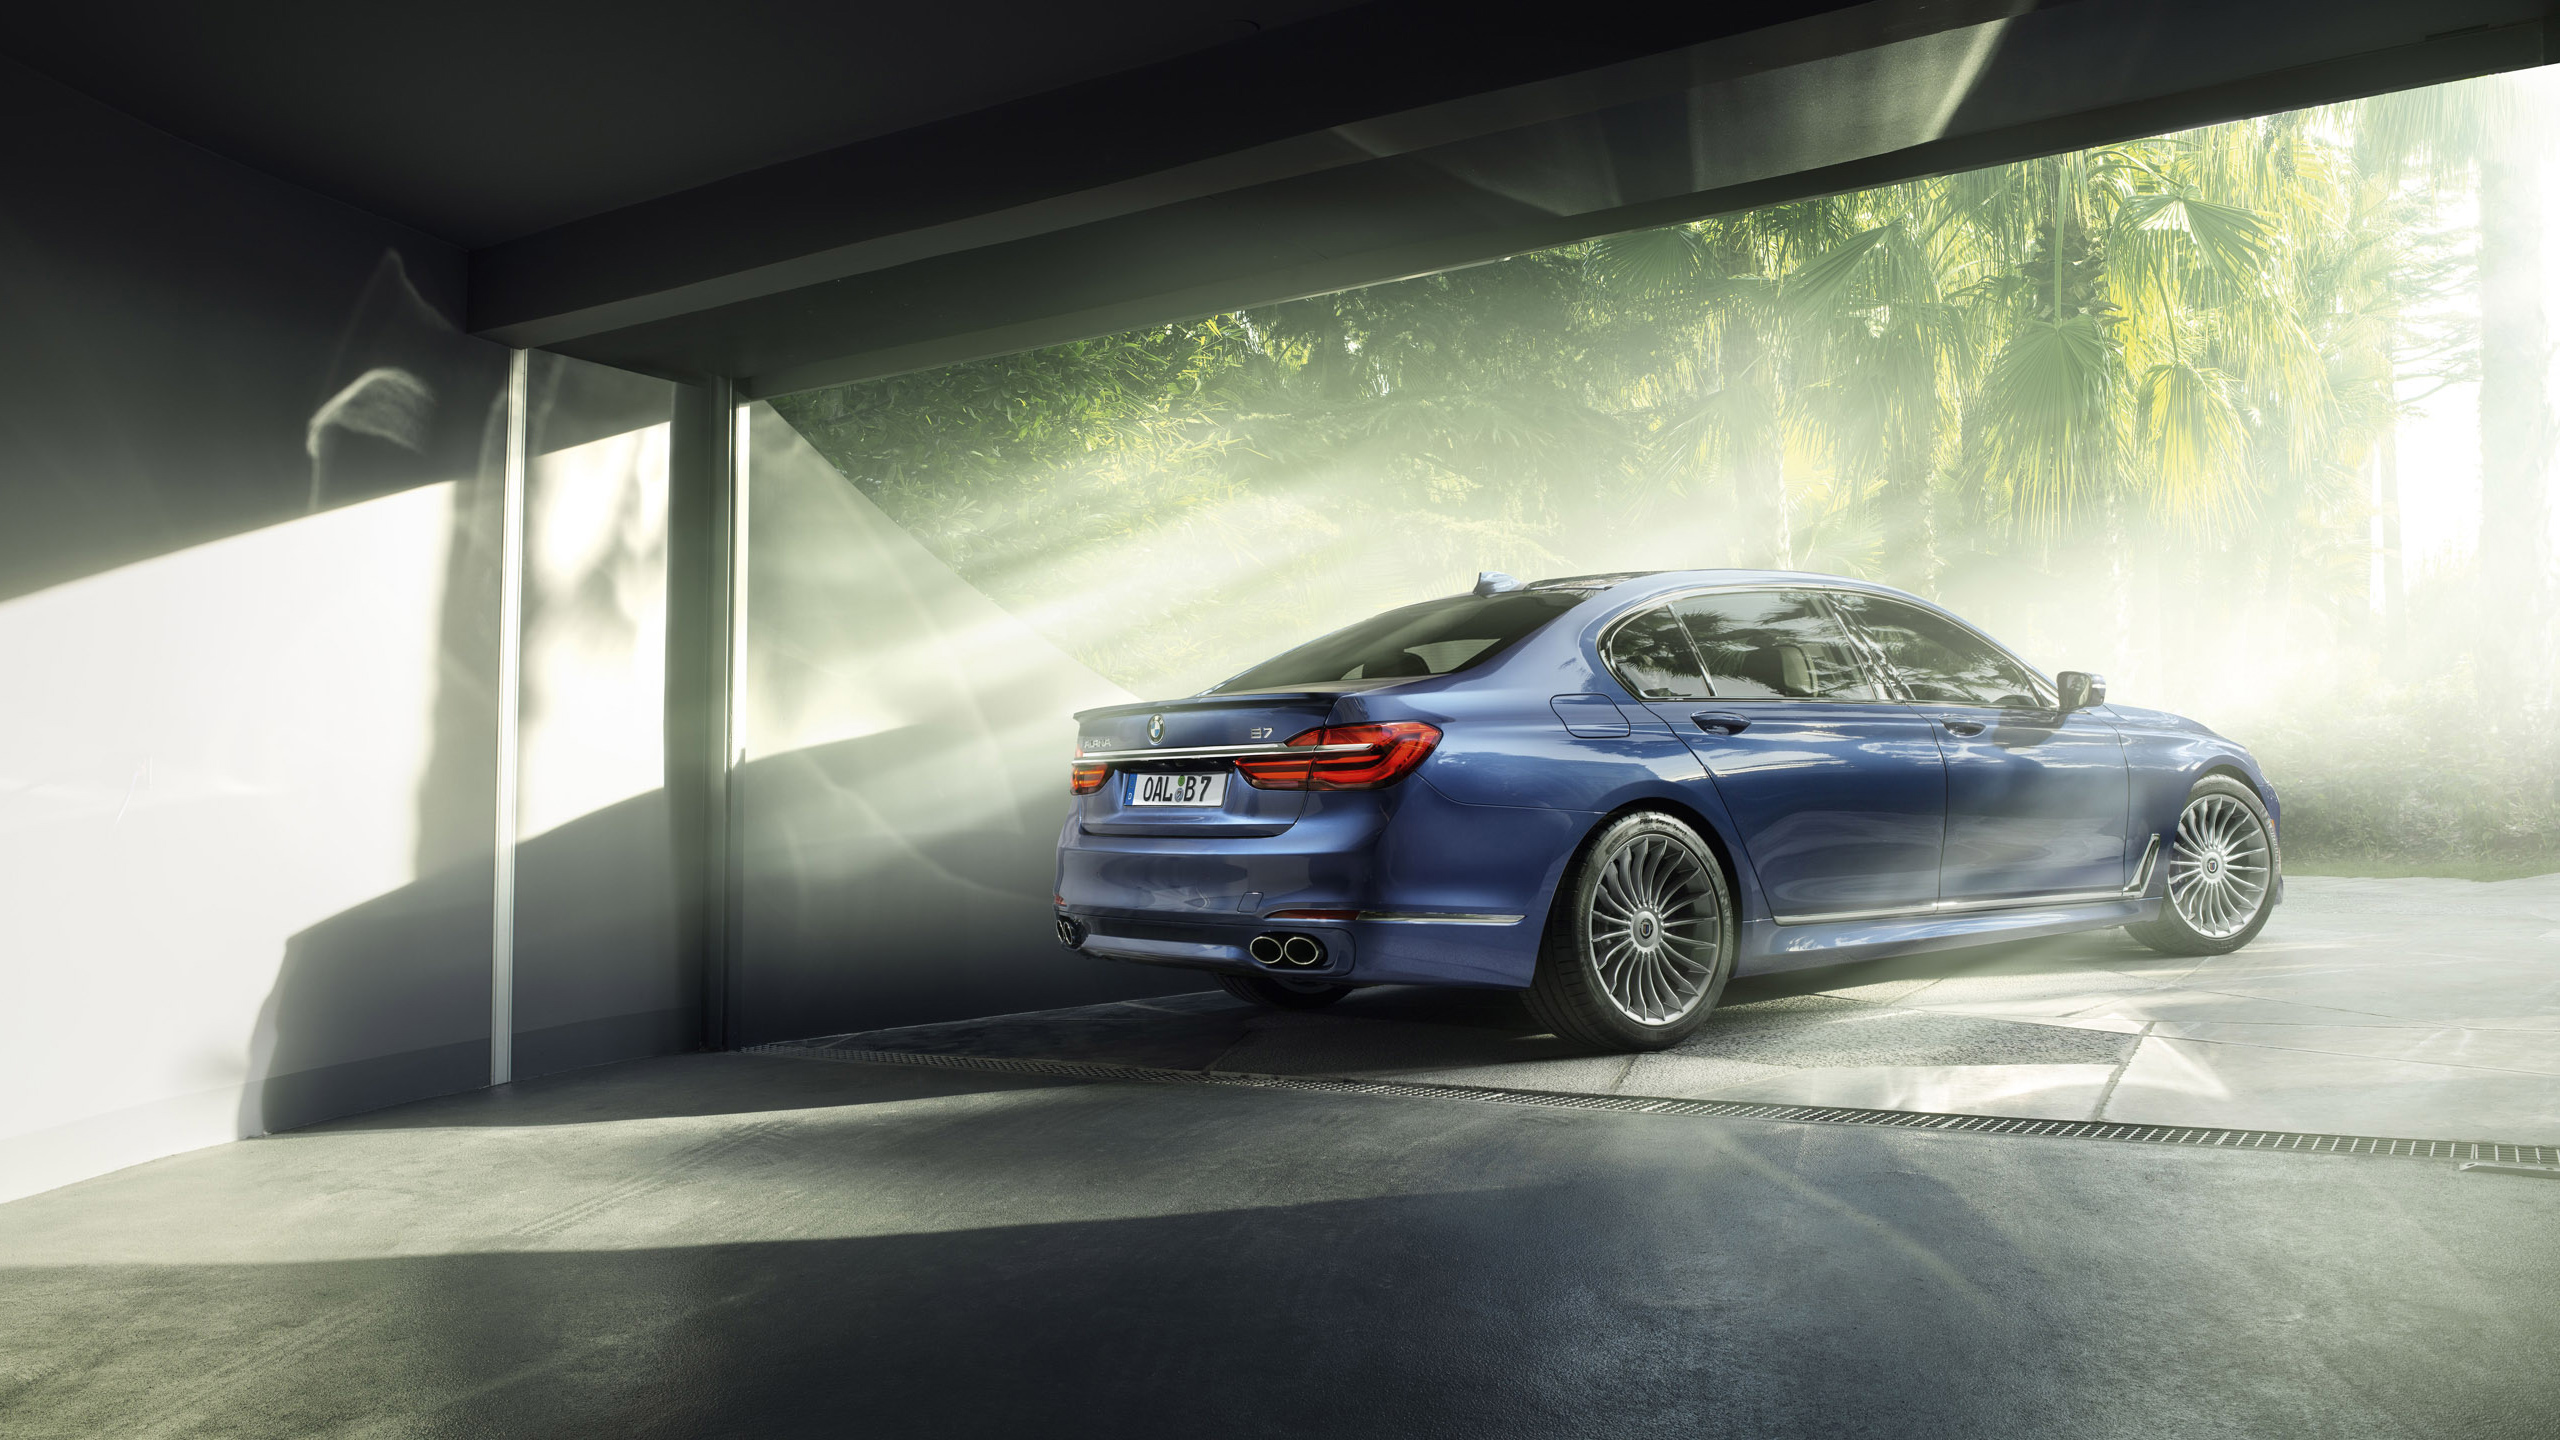 2016 BMW Alpina B7 Bi Turbo Rear Wallpaper HD Car Wallpapers 2560x1440